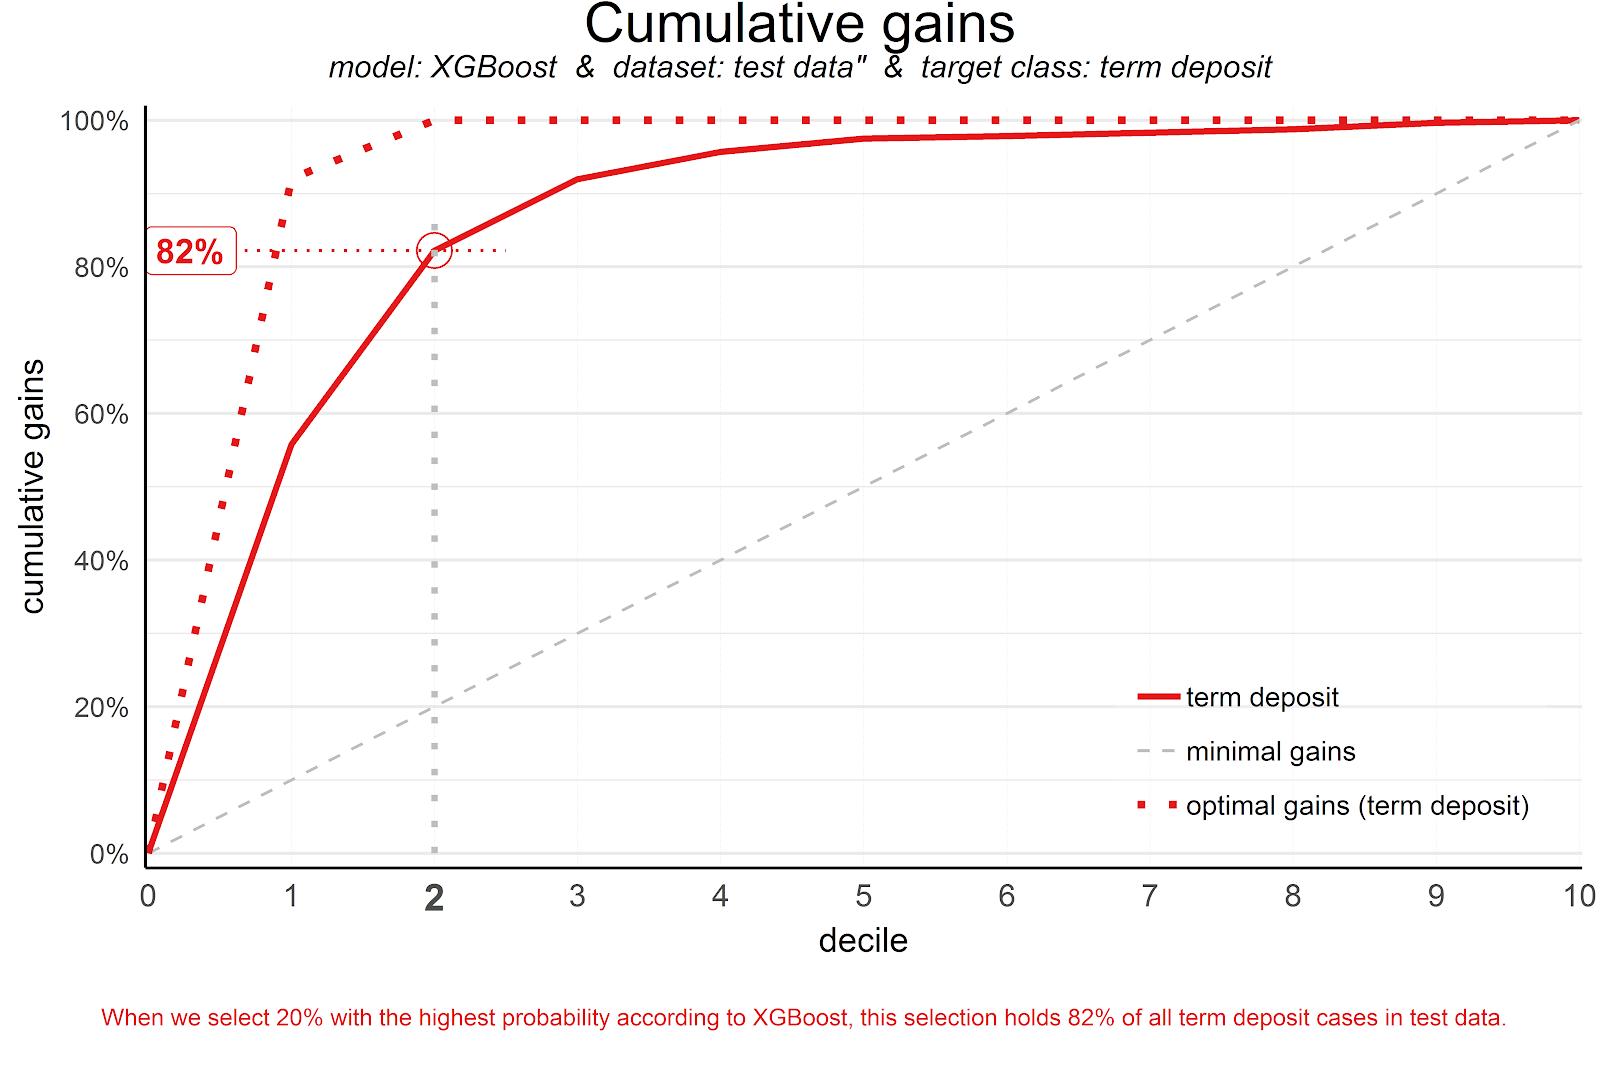 Cumulative gains - modelplot